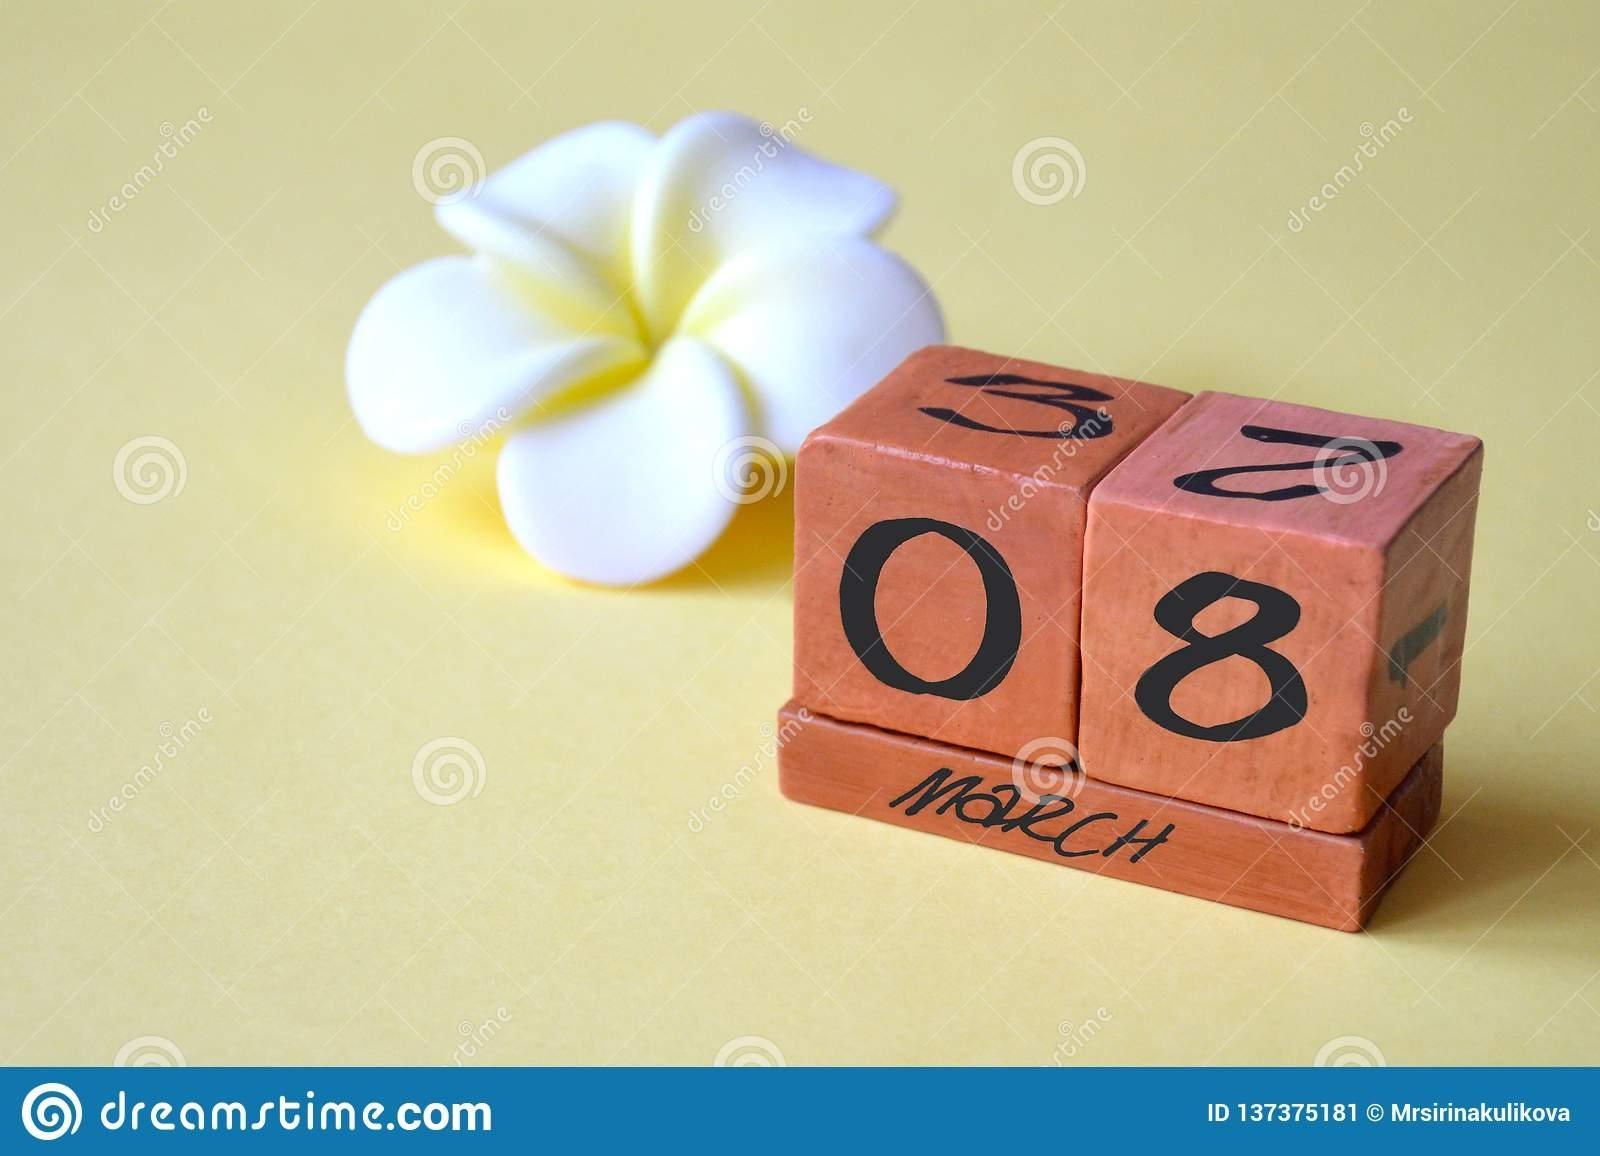 Take Copy Of Perpetual Calendar